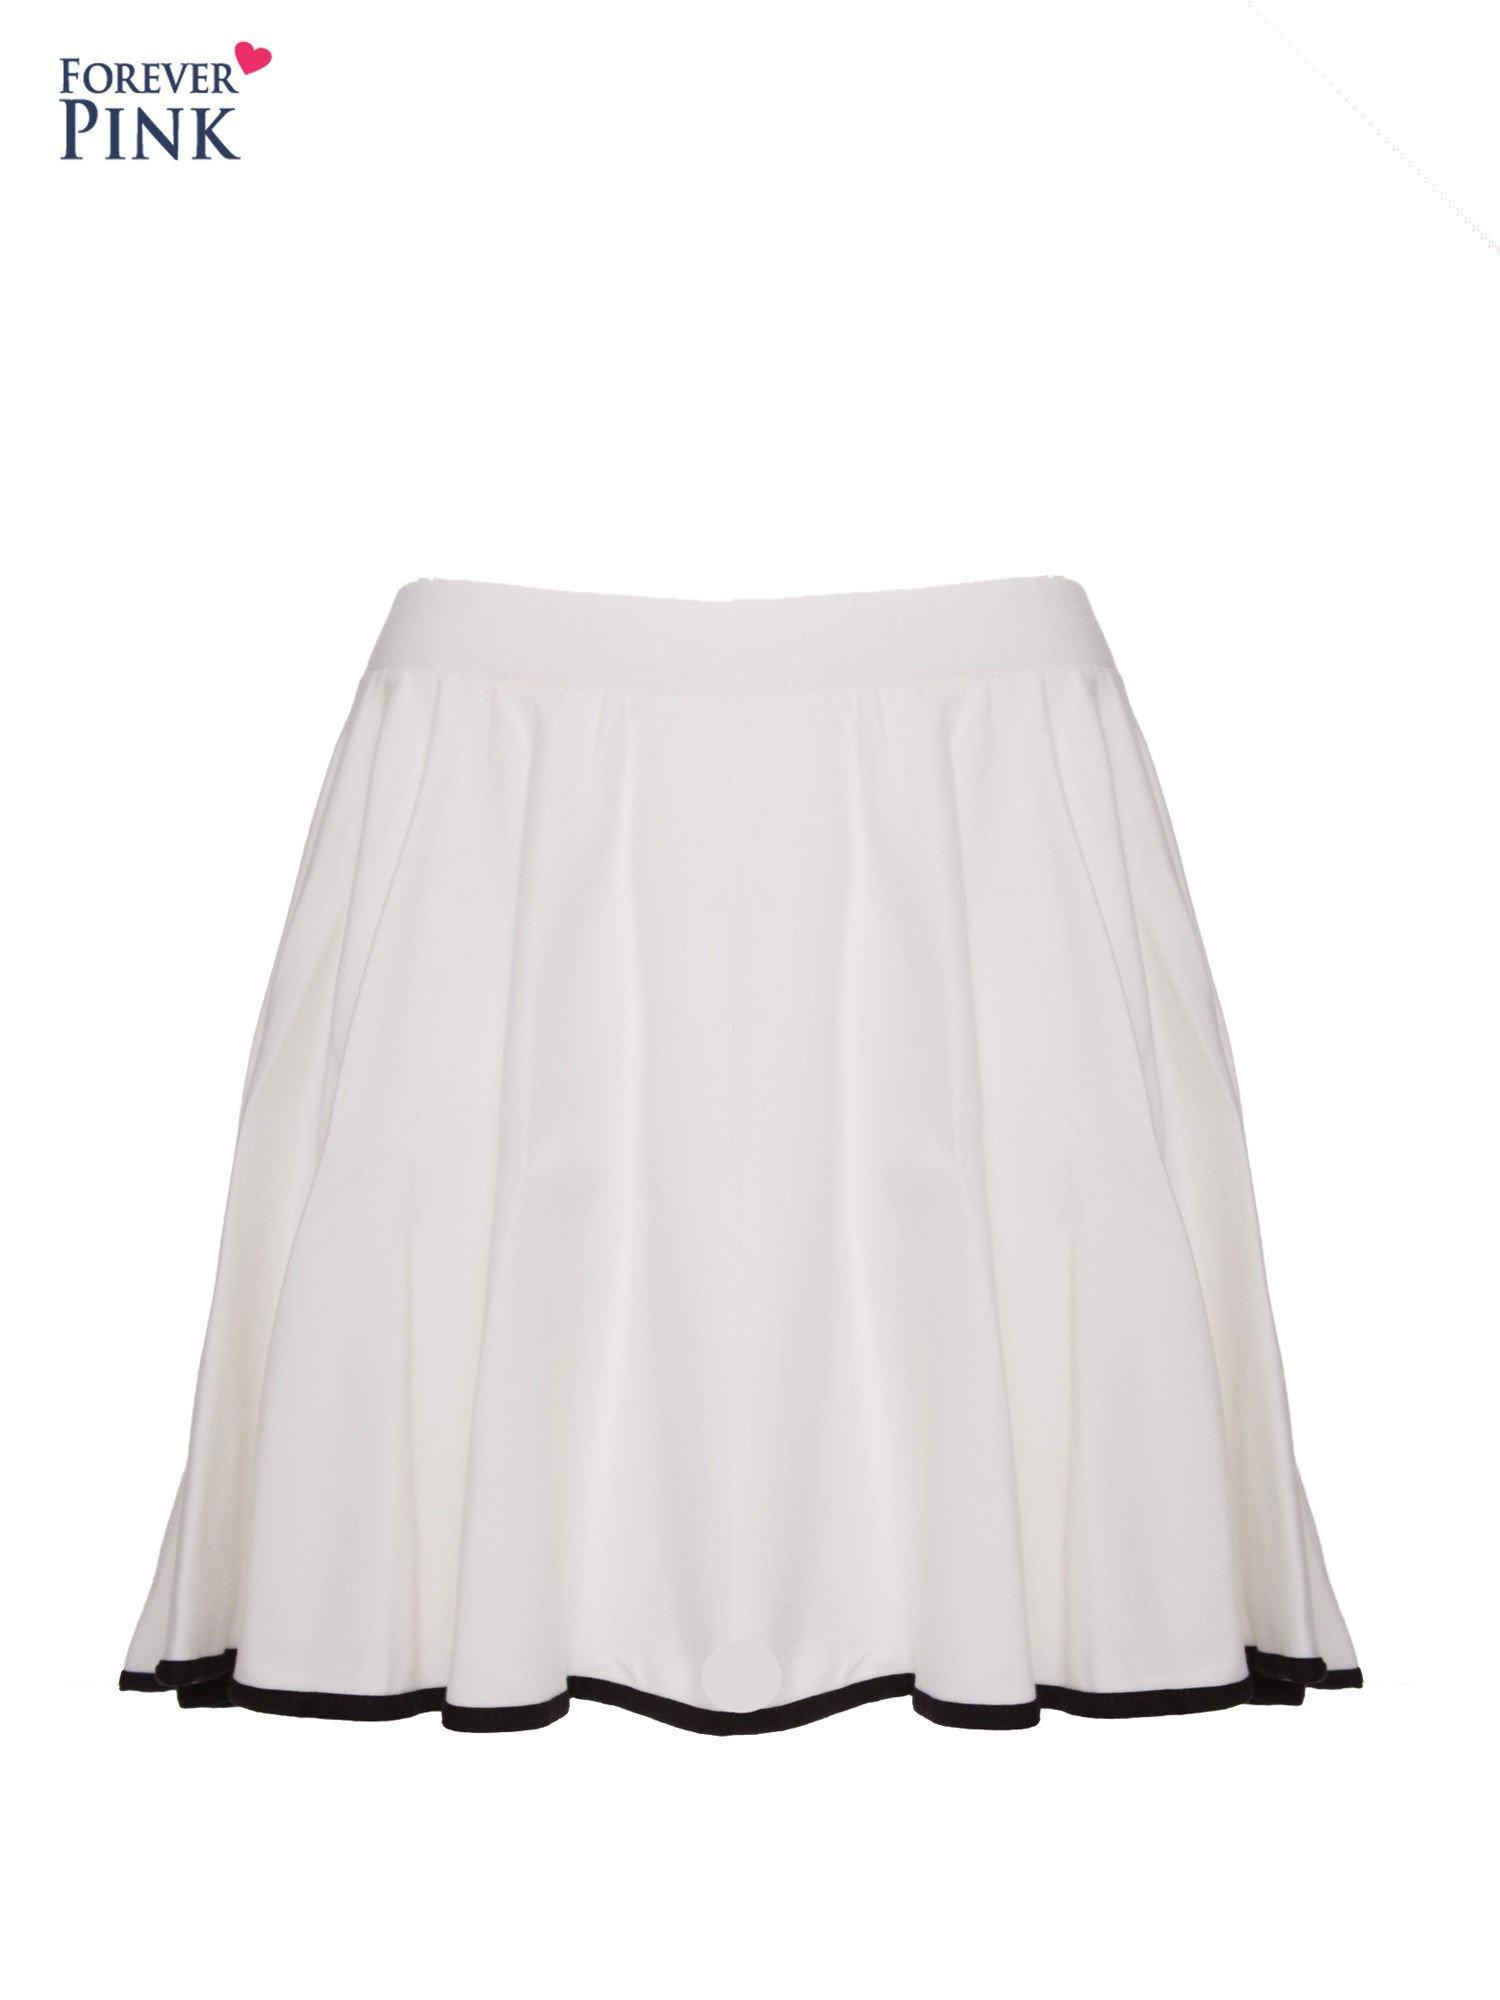 Ecru spódnica szyta z koła z kontrastową lamówką na dole                                  zdj.                                  1